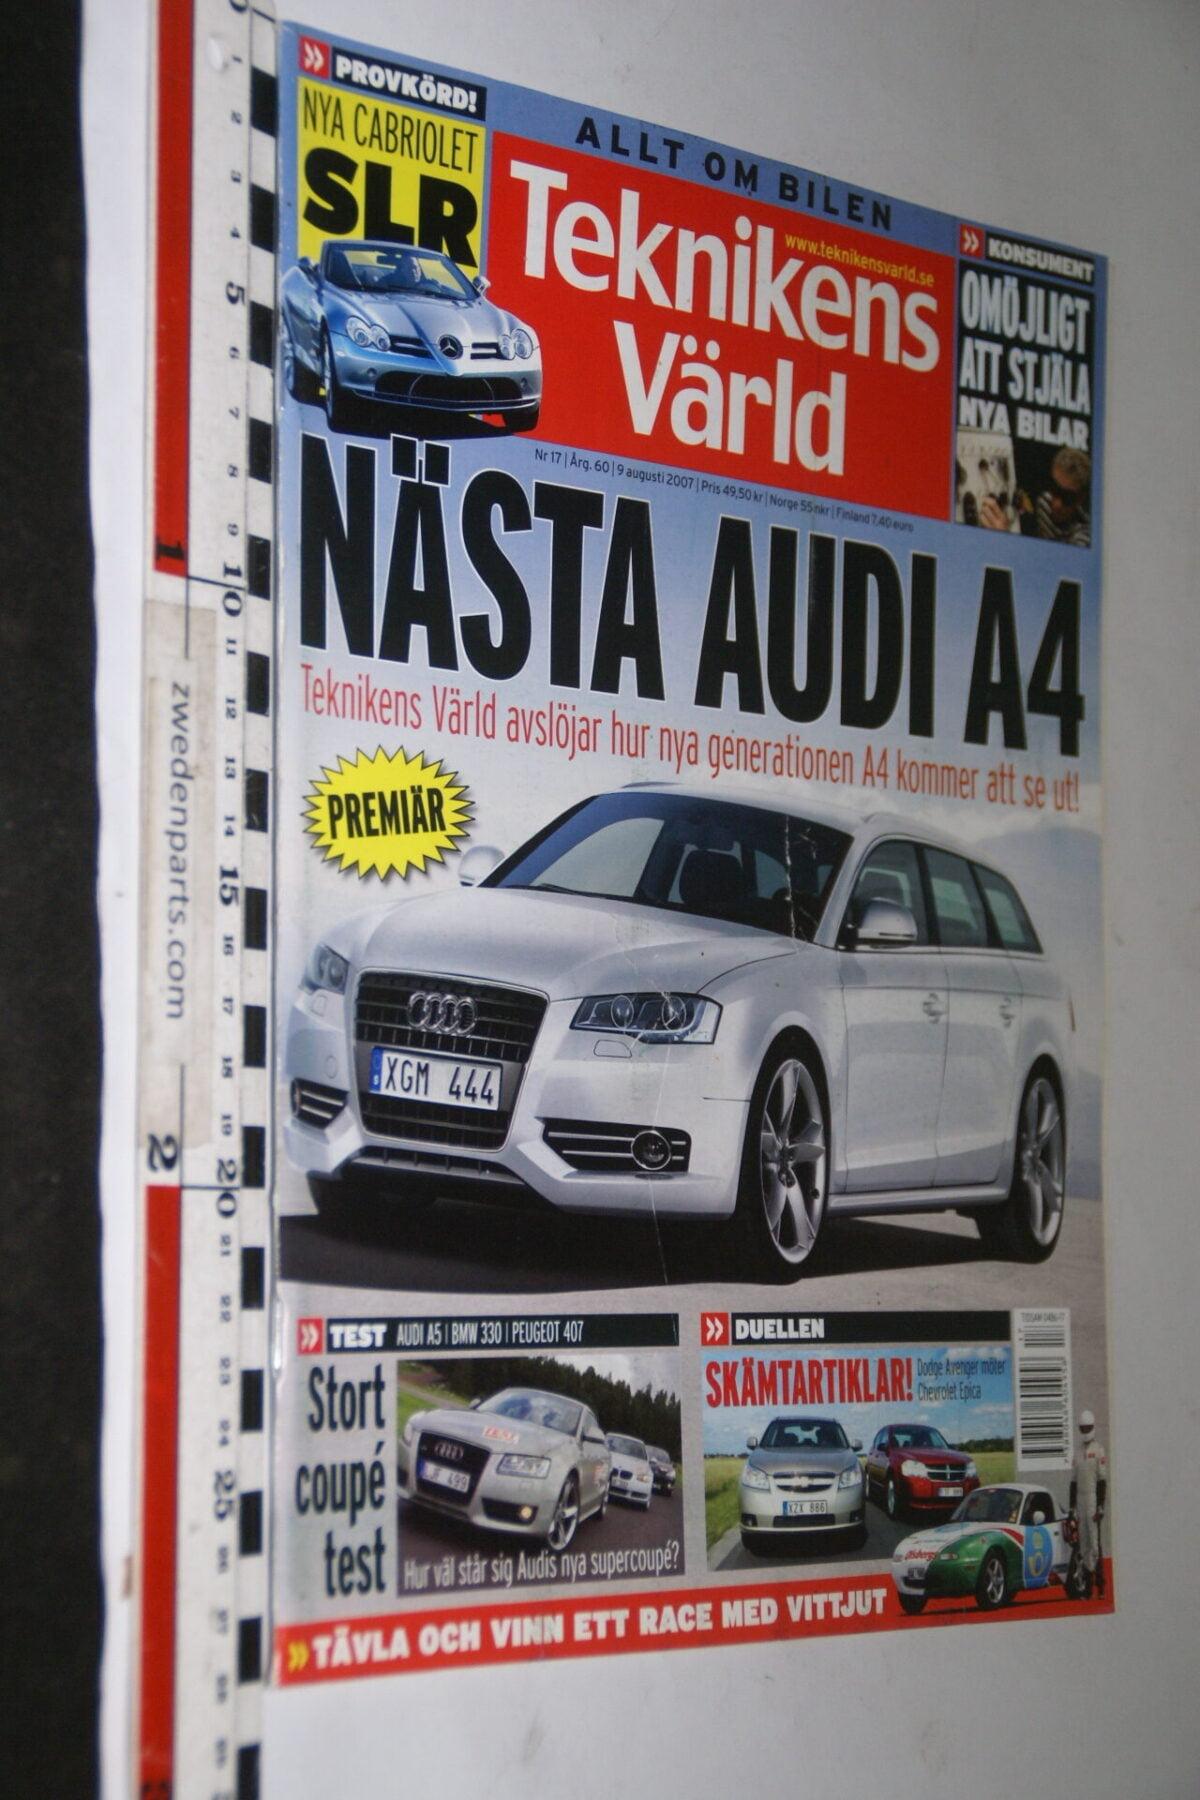 DSC08099 tijdschrift Teknikens Värld 9 augustus 2007 met zelfbouw racer, Svenska-21350f95